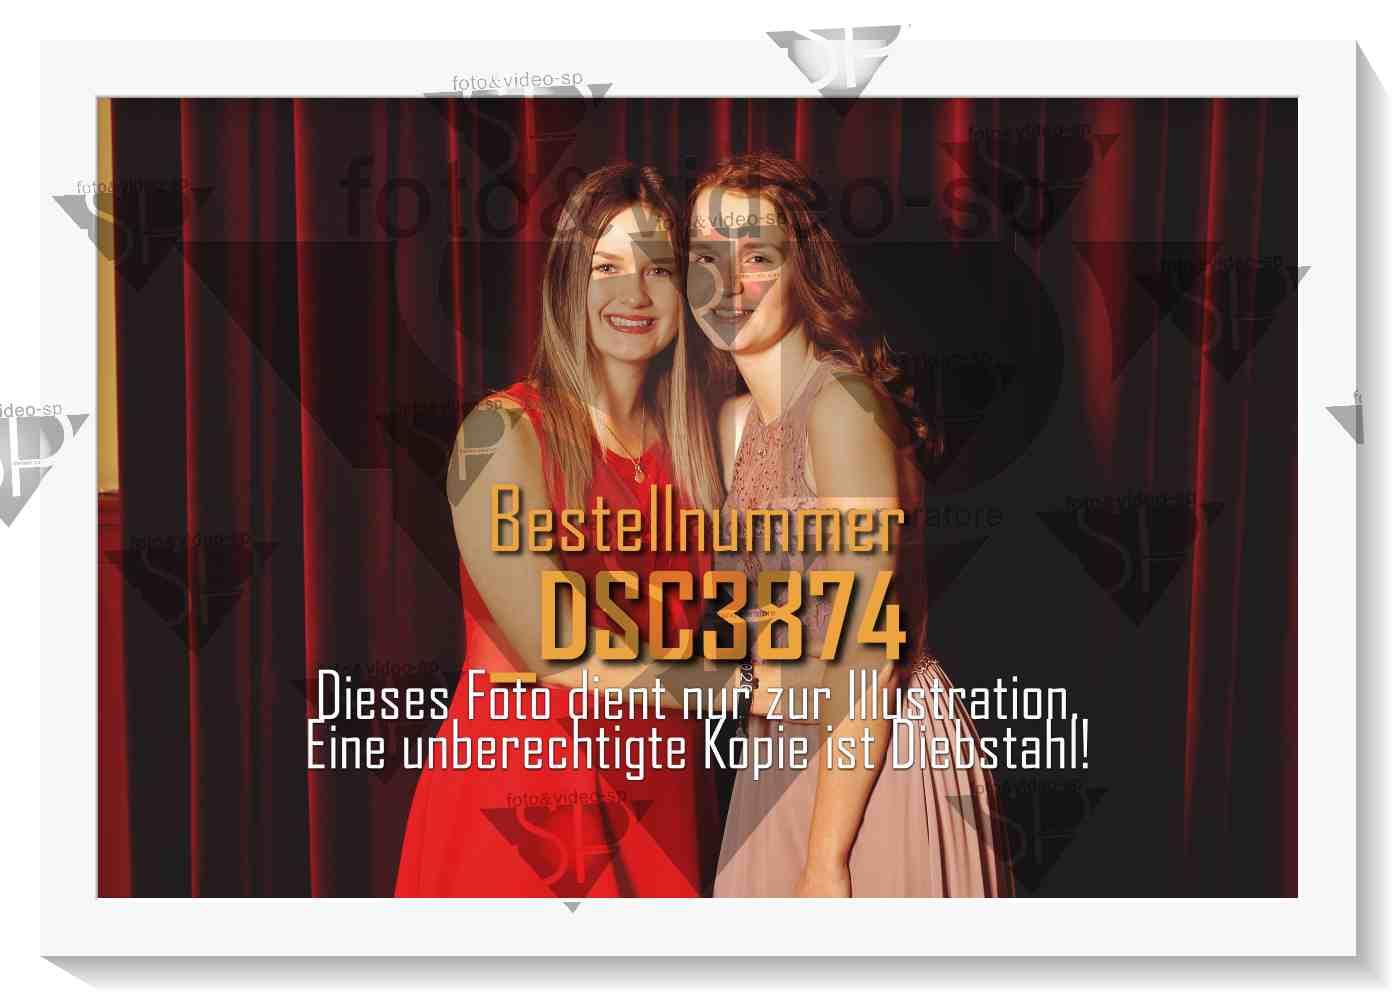 DSC3874